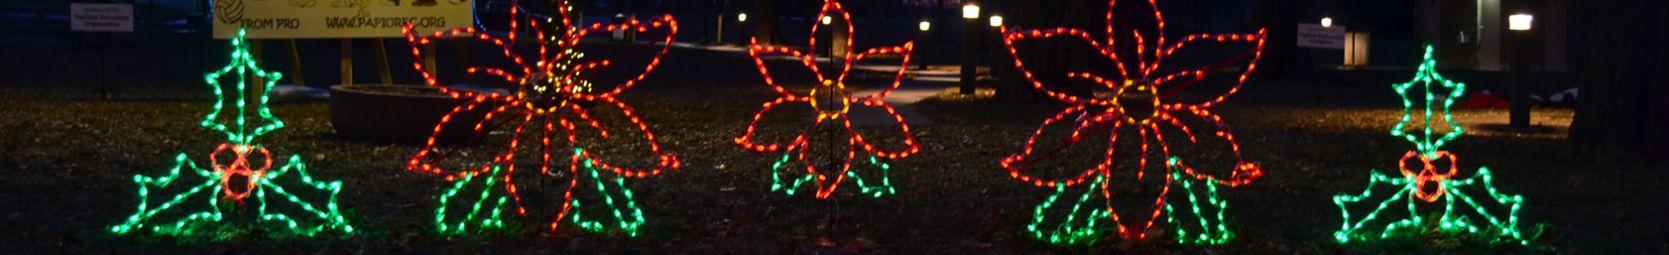 LED Christmas Displays